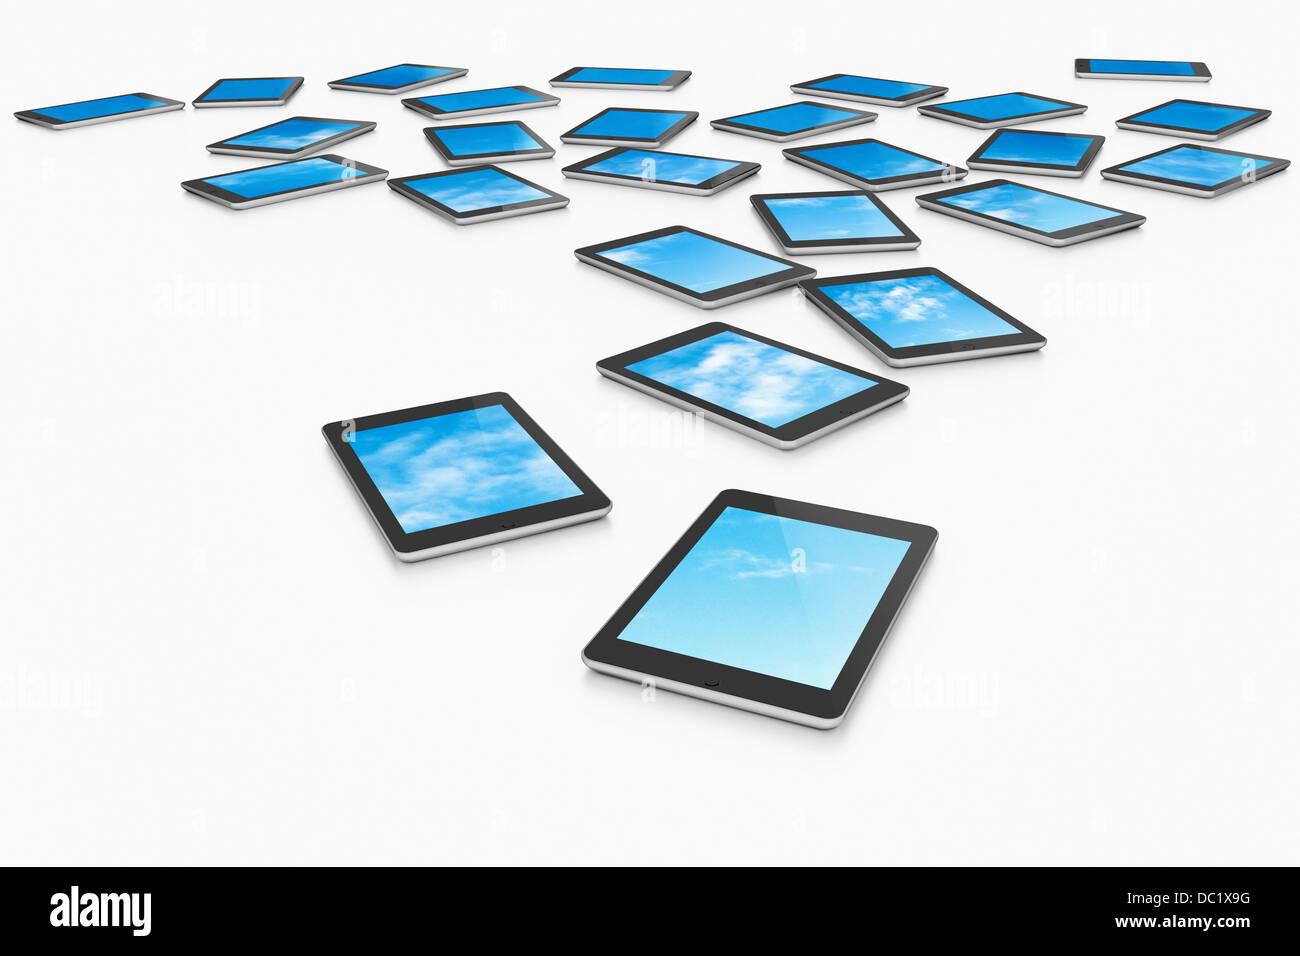 Große Gruppe von digitalen Brettchen anzeigen Auswahl an blauen Himmel Stockbild